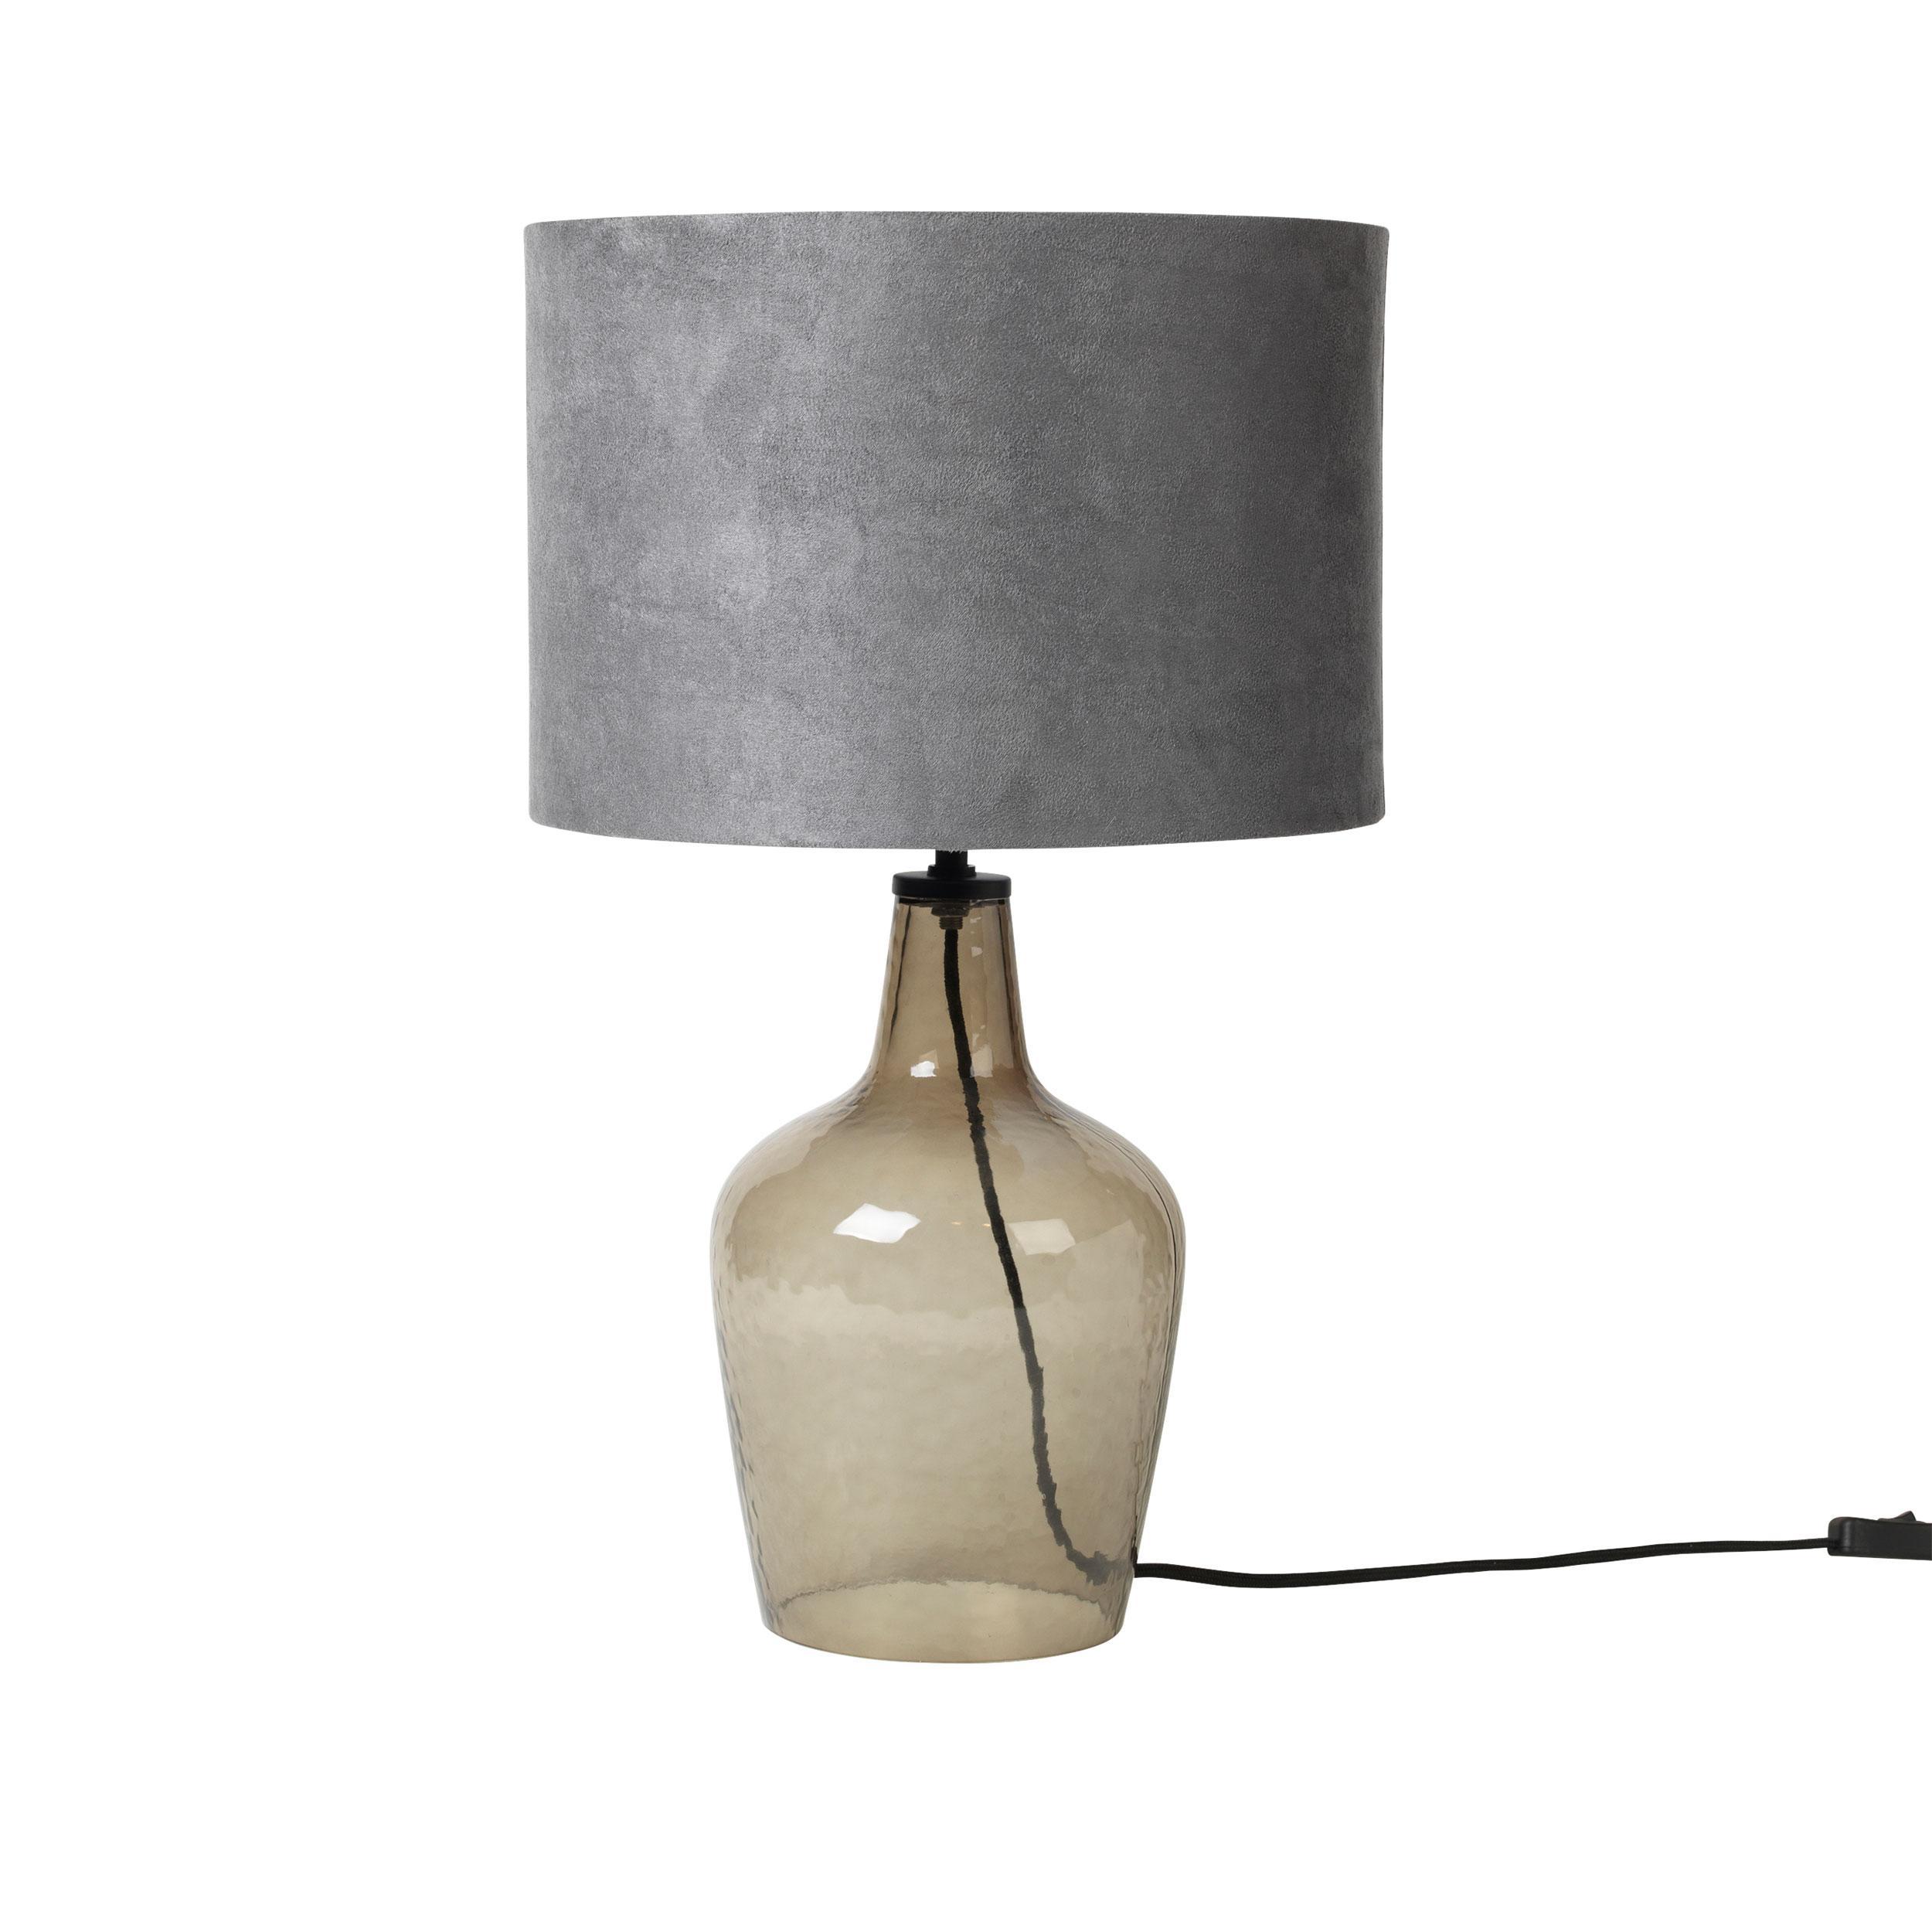 Tischlampe Glas Grau